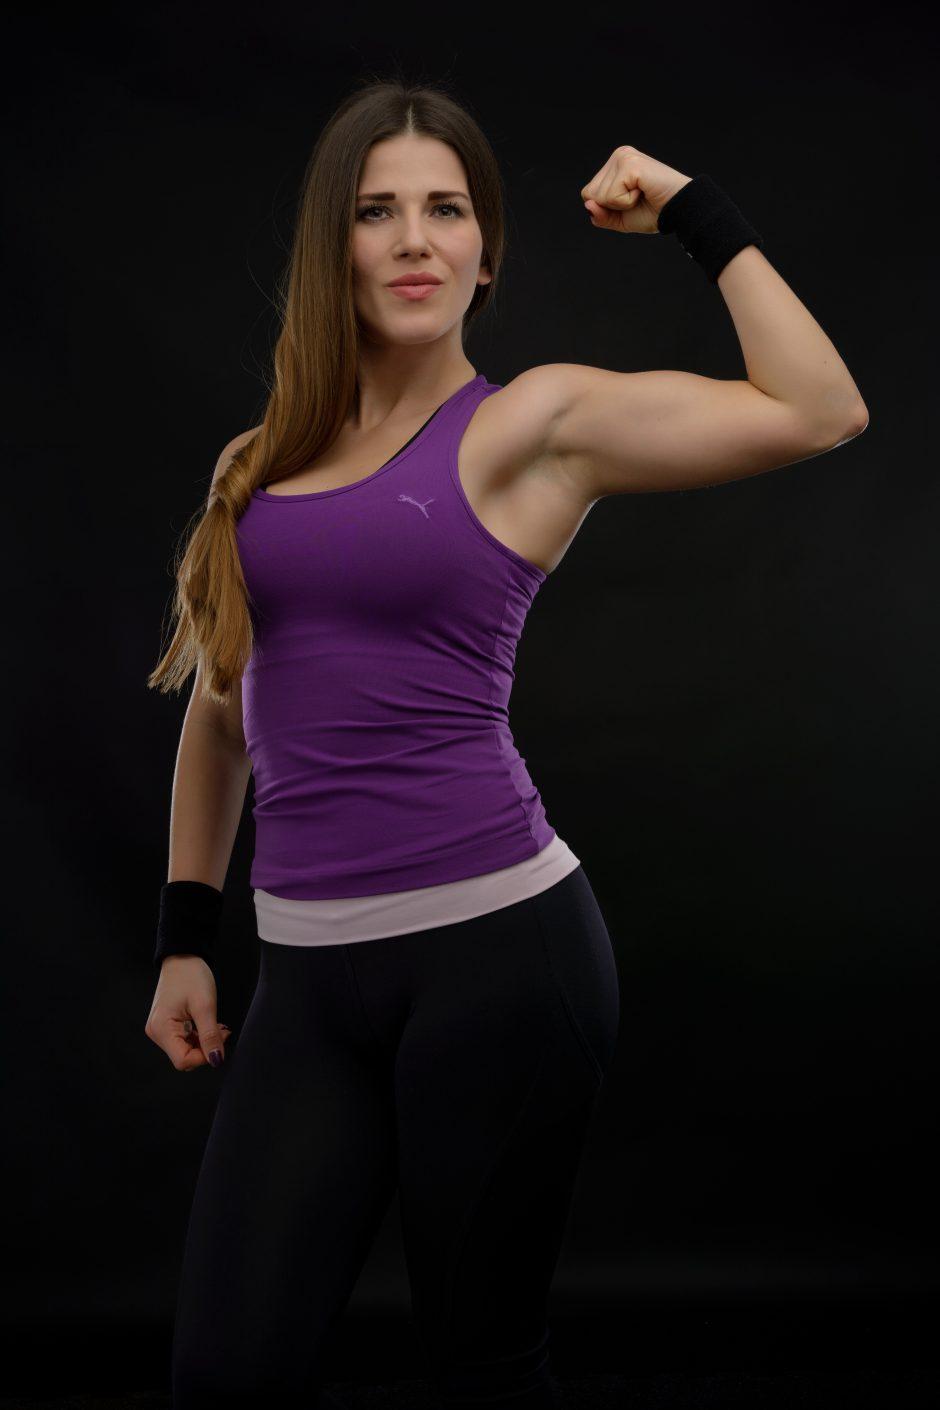 Diana Hajdo